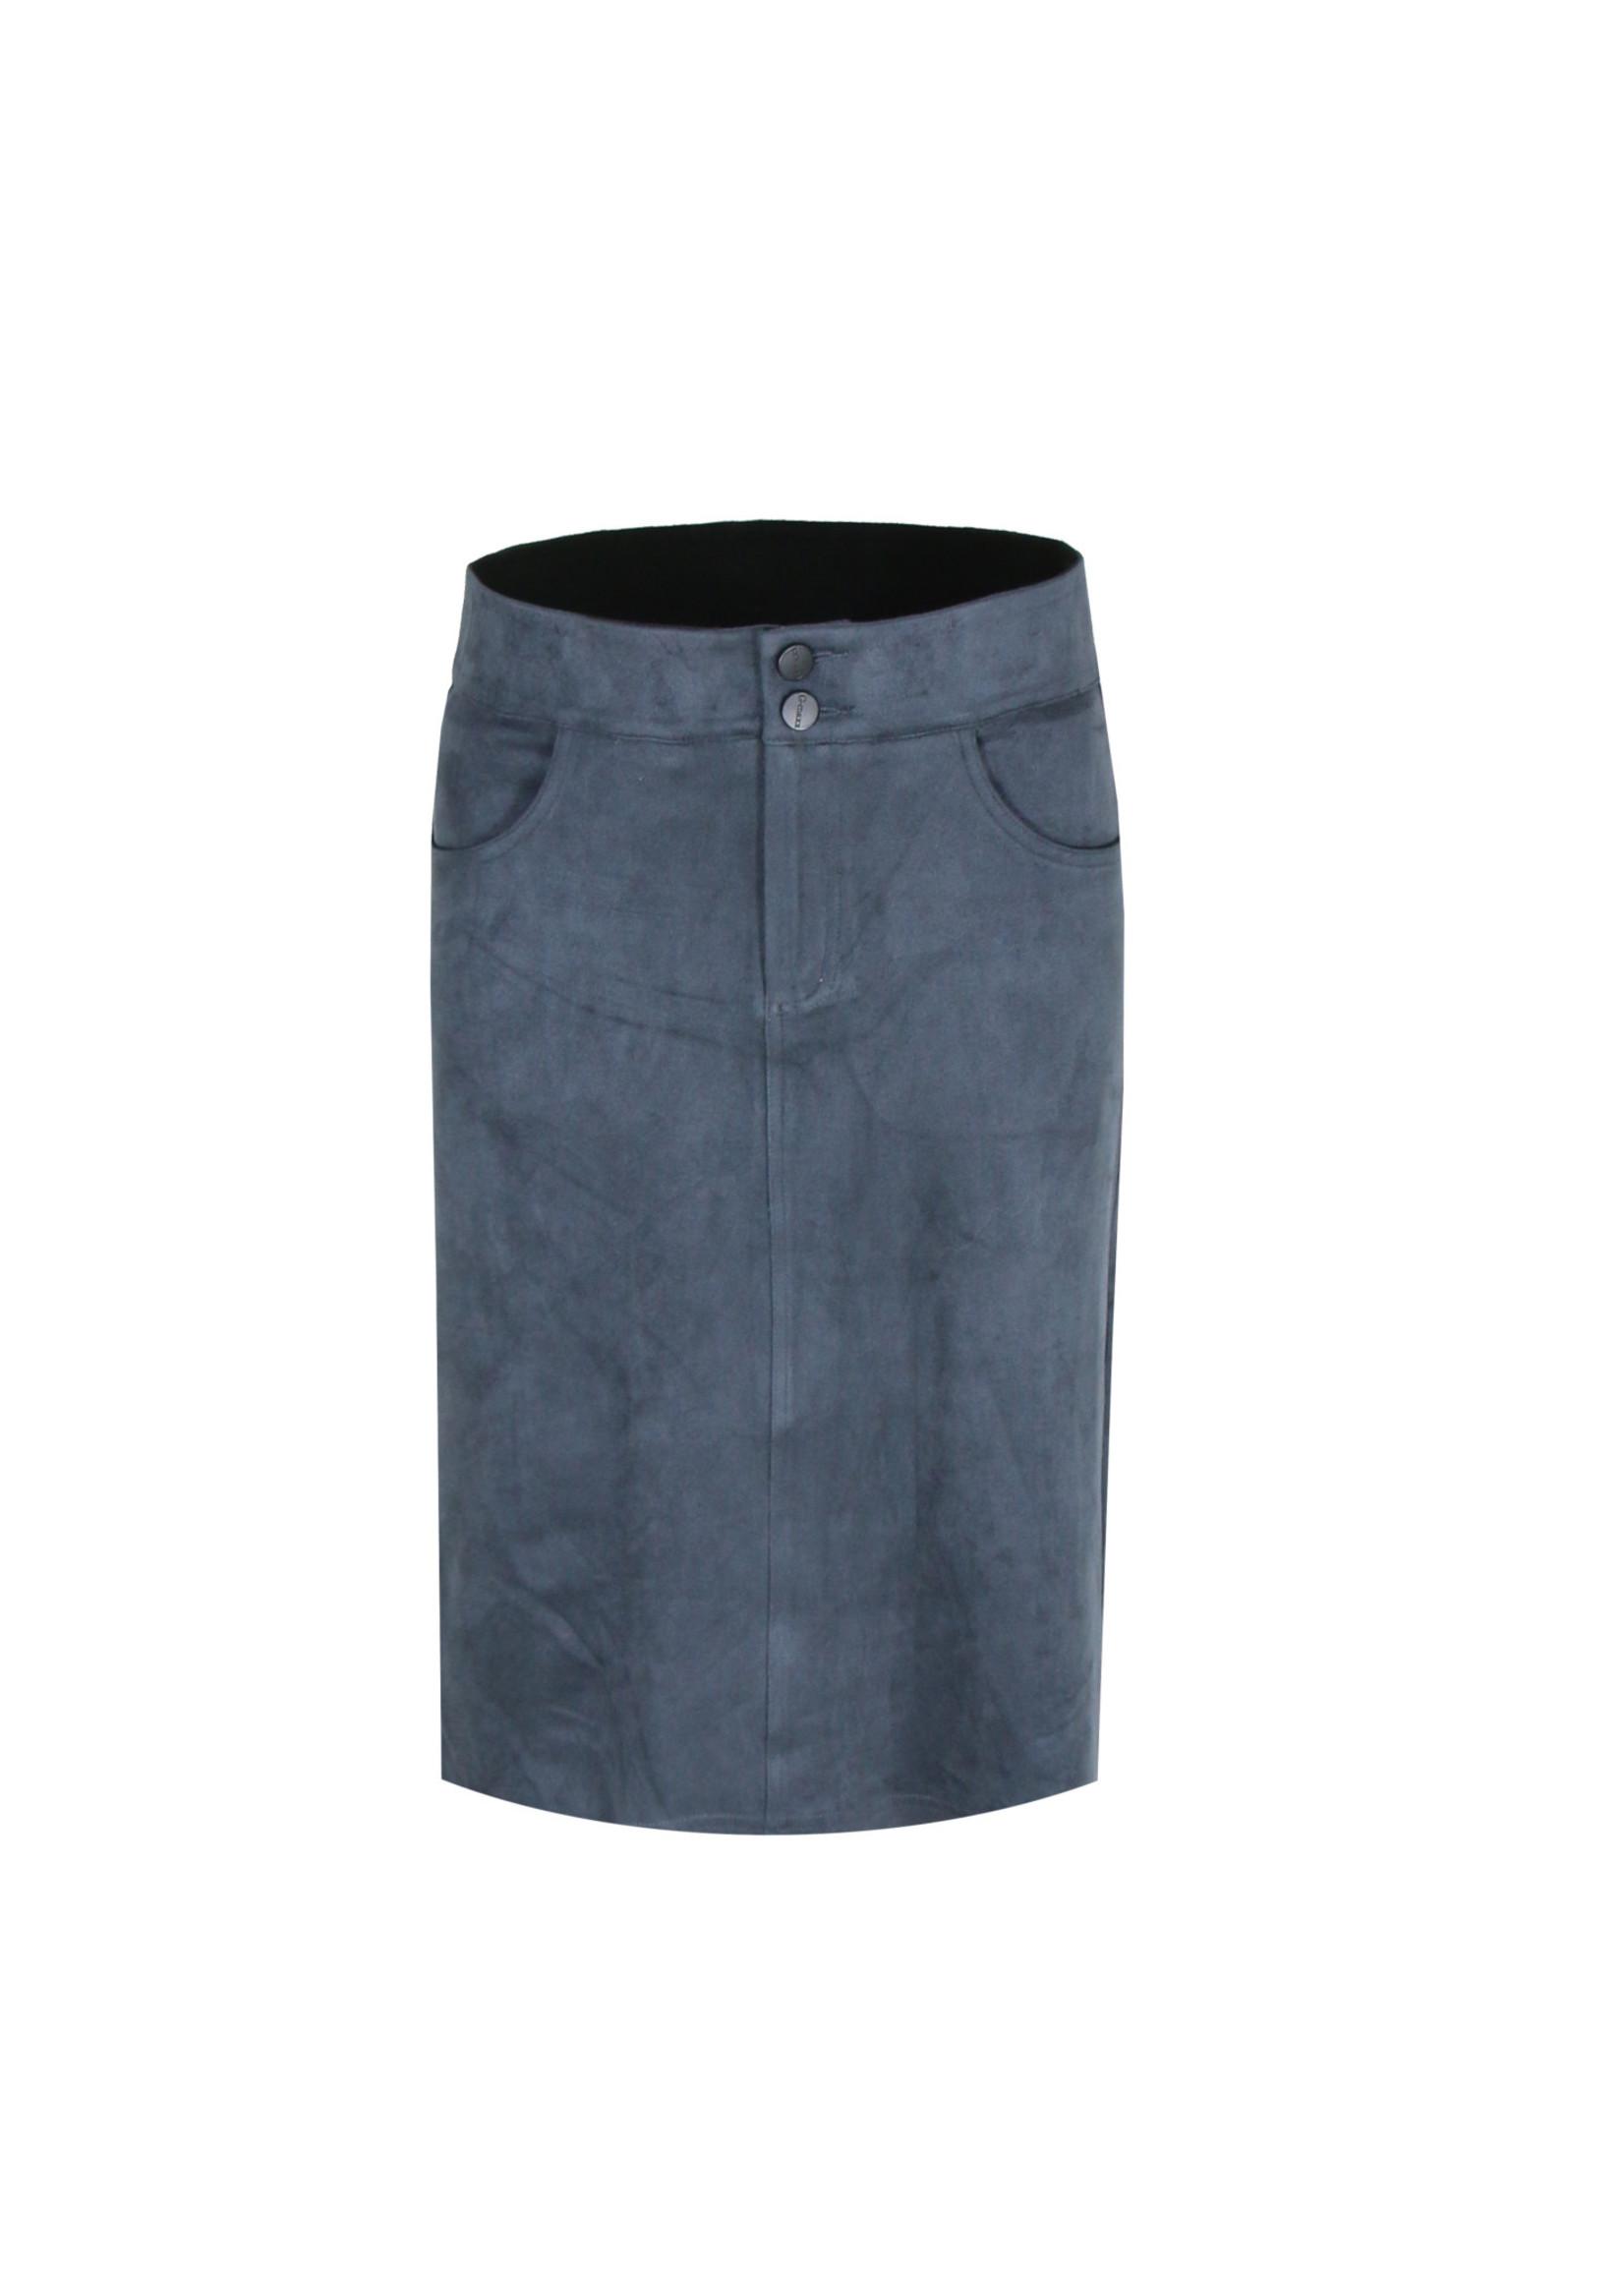 G-Maxx G-maxx - Kaat rok - Jeansblauw